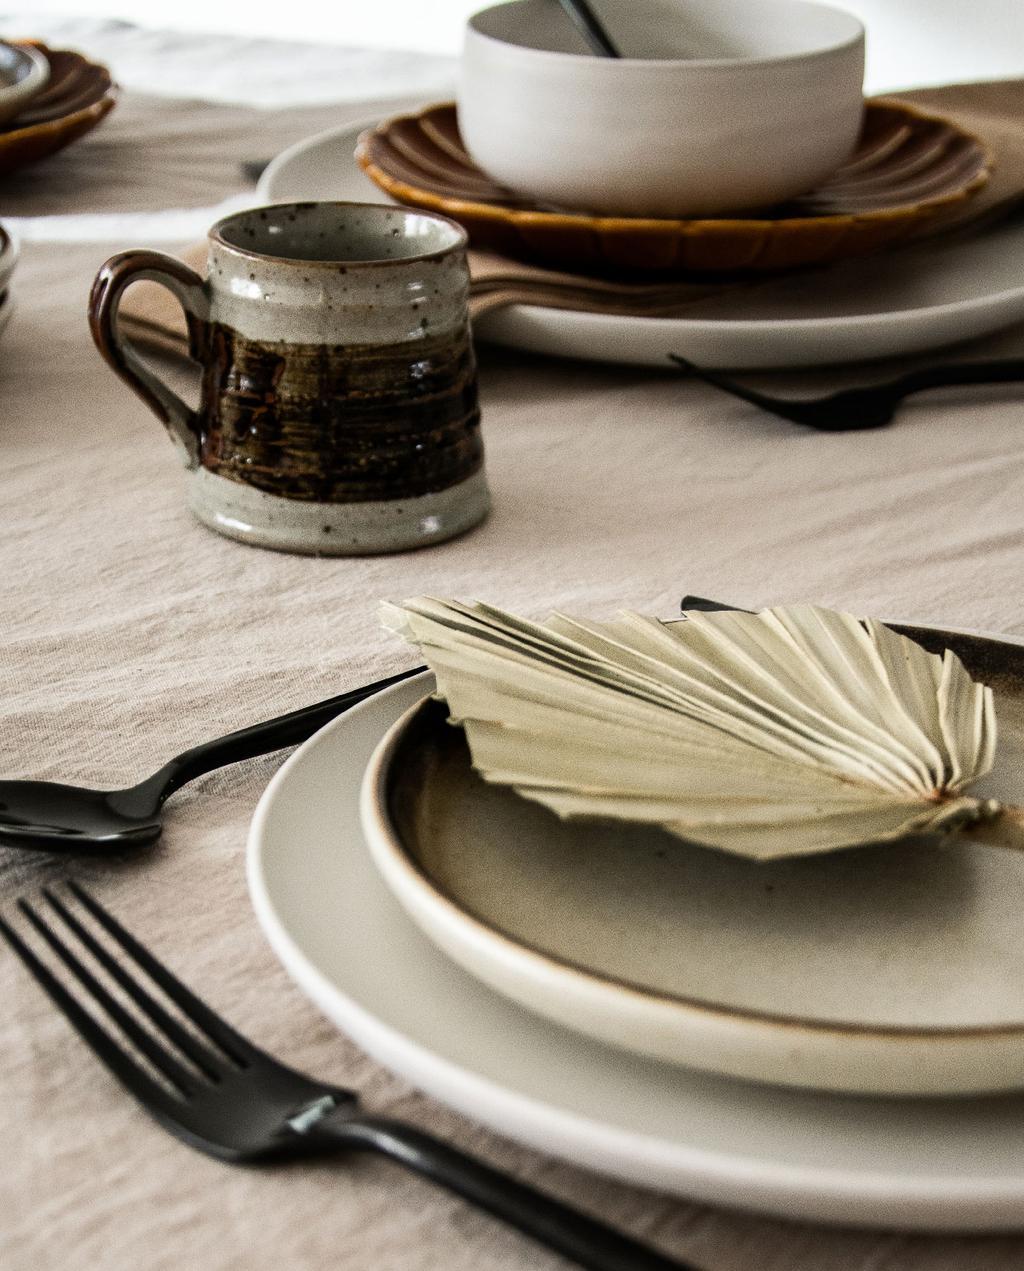 vtwonen blog rachel terpstra | liefde voor keramiek servies met palmdecoratie